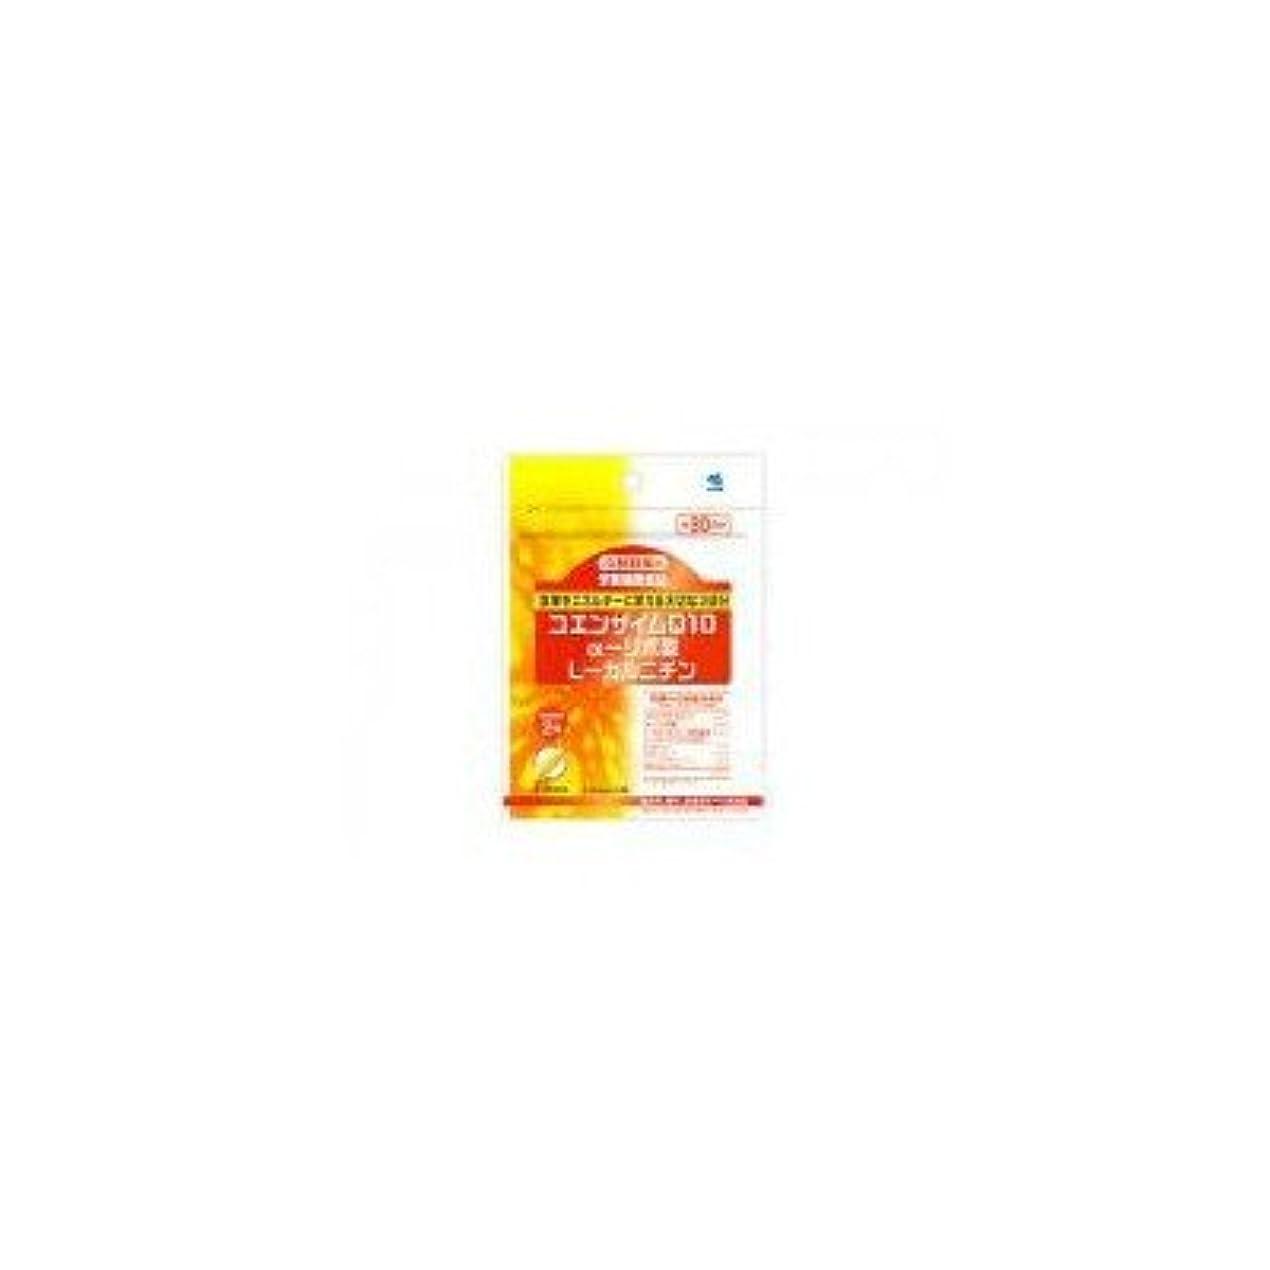 小林製薬の栄養補助食品 コエンザイムQ10+αリポ酸+Lカルニチン(60粒 約30日分) 4セット